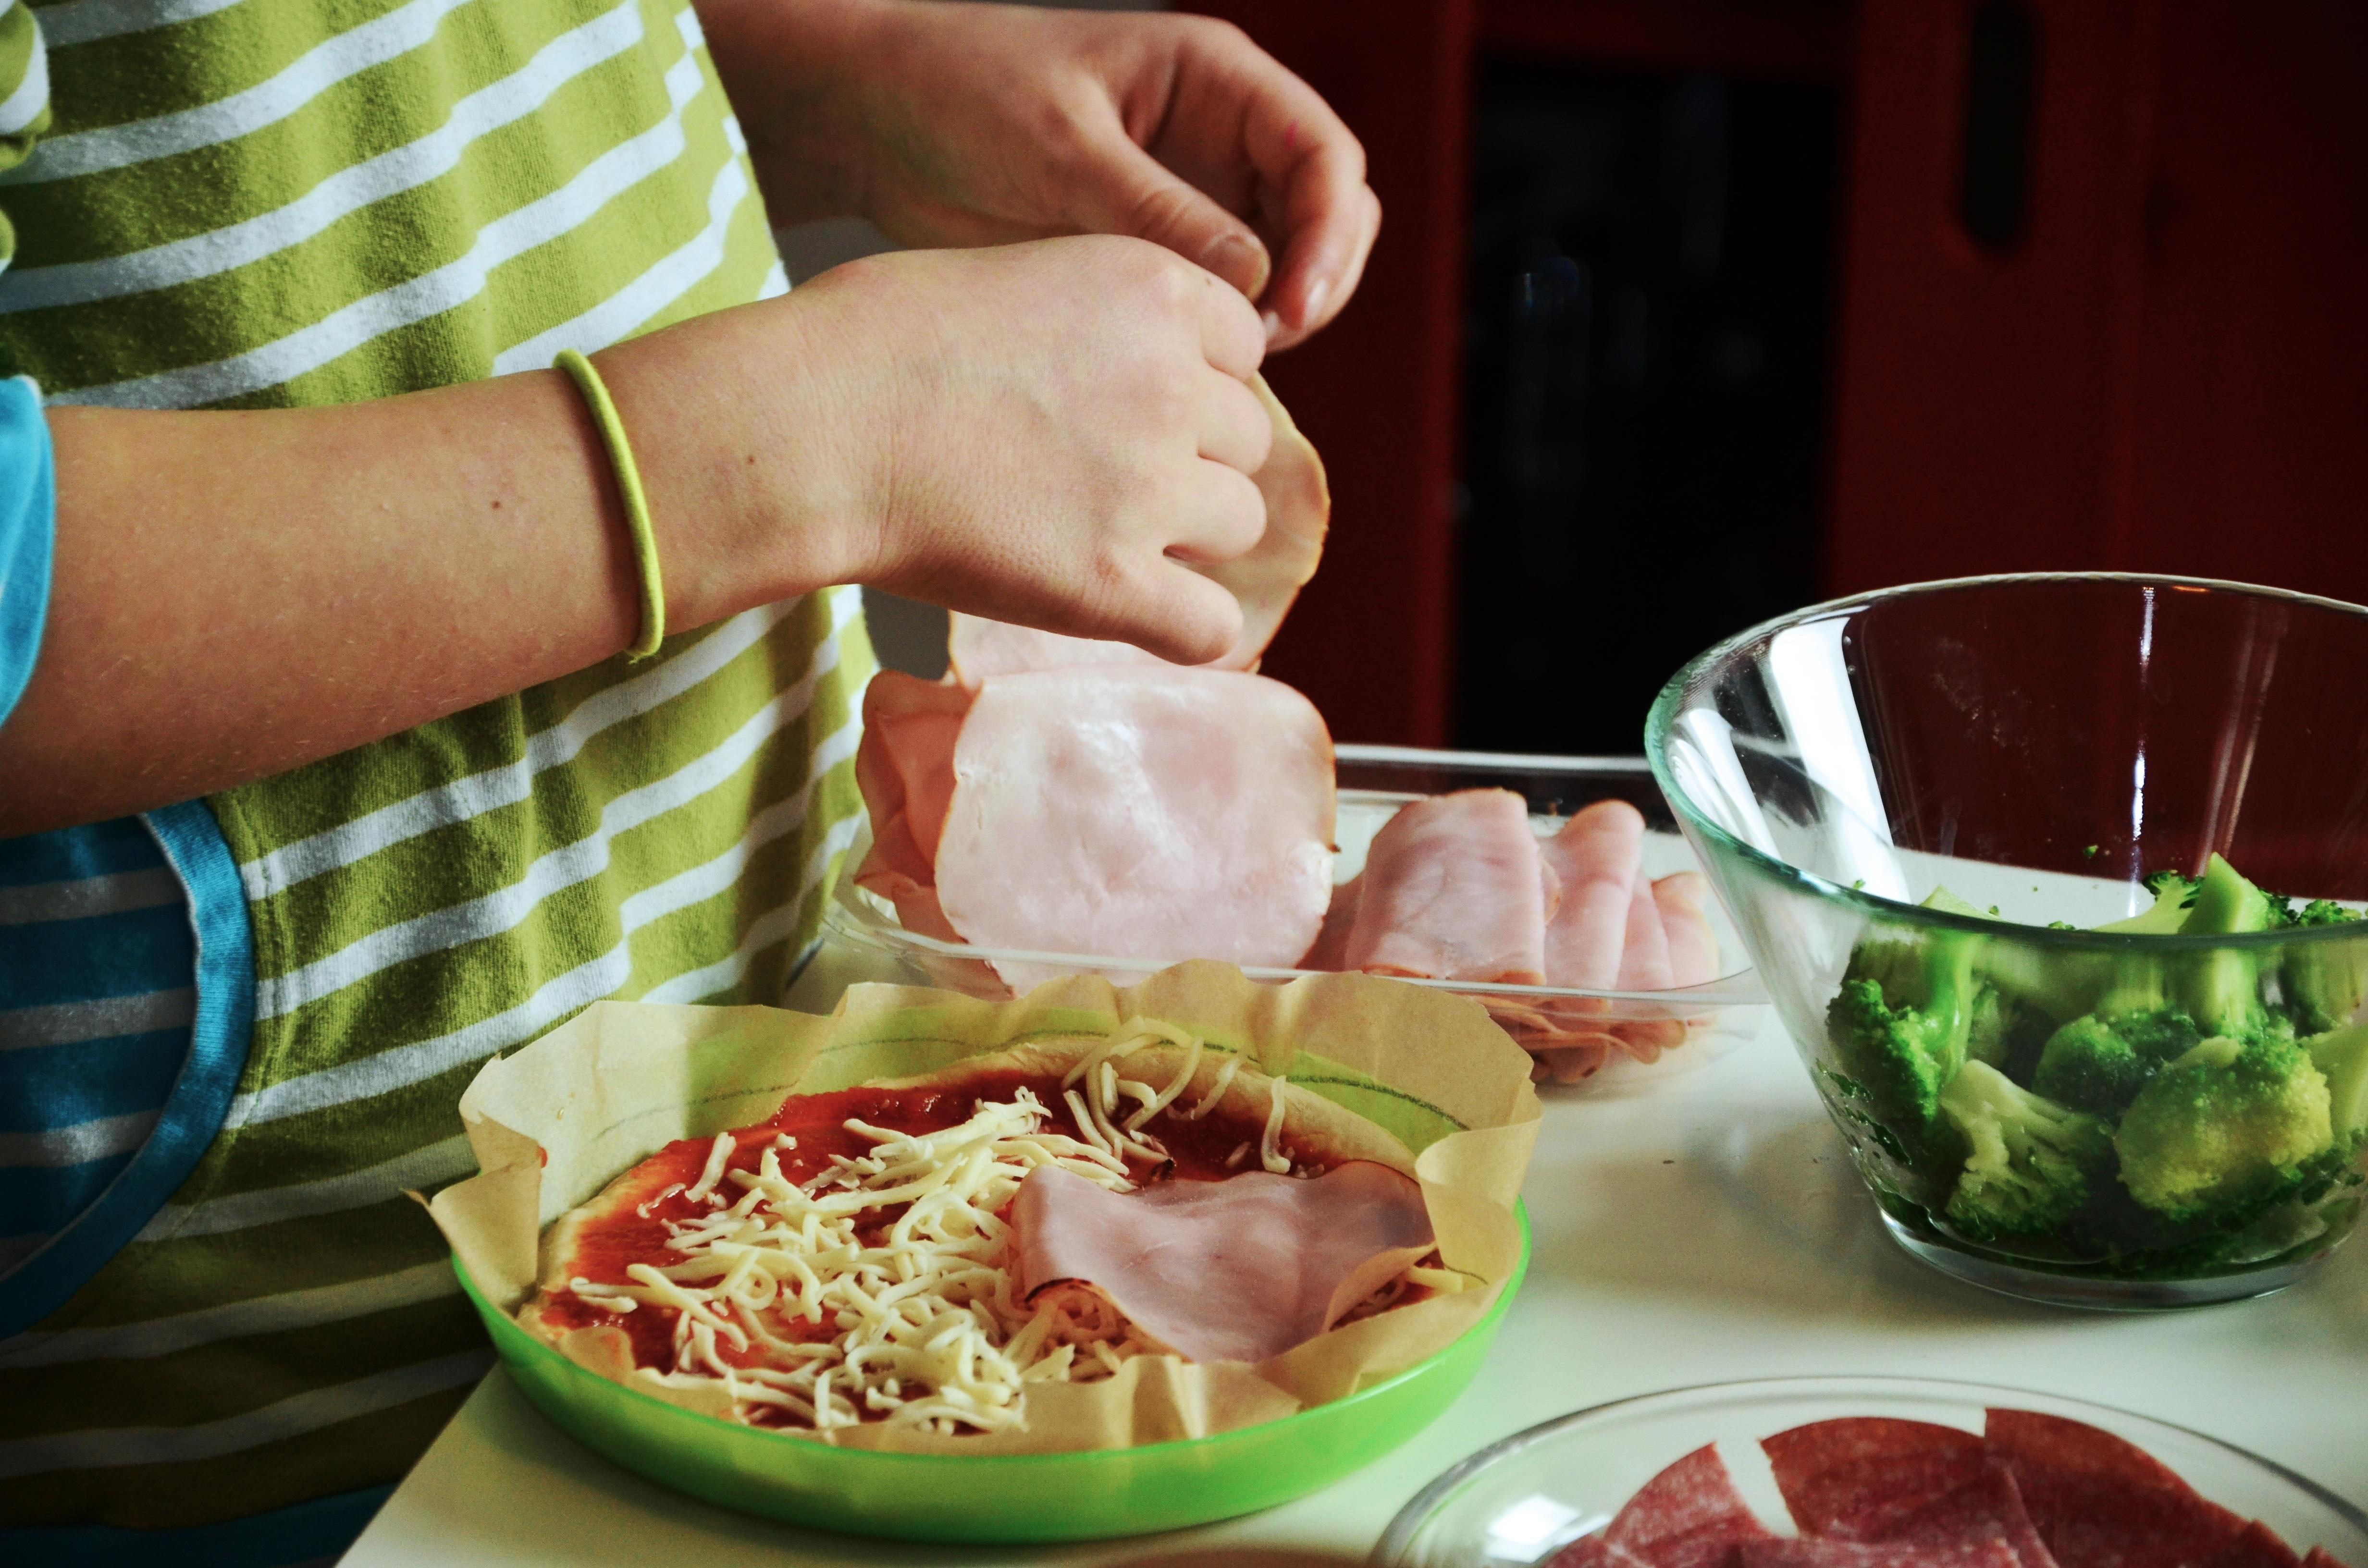 Kostenlose foto : Gericht, Mahlzeit, Lebensmittel, produzieren ...